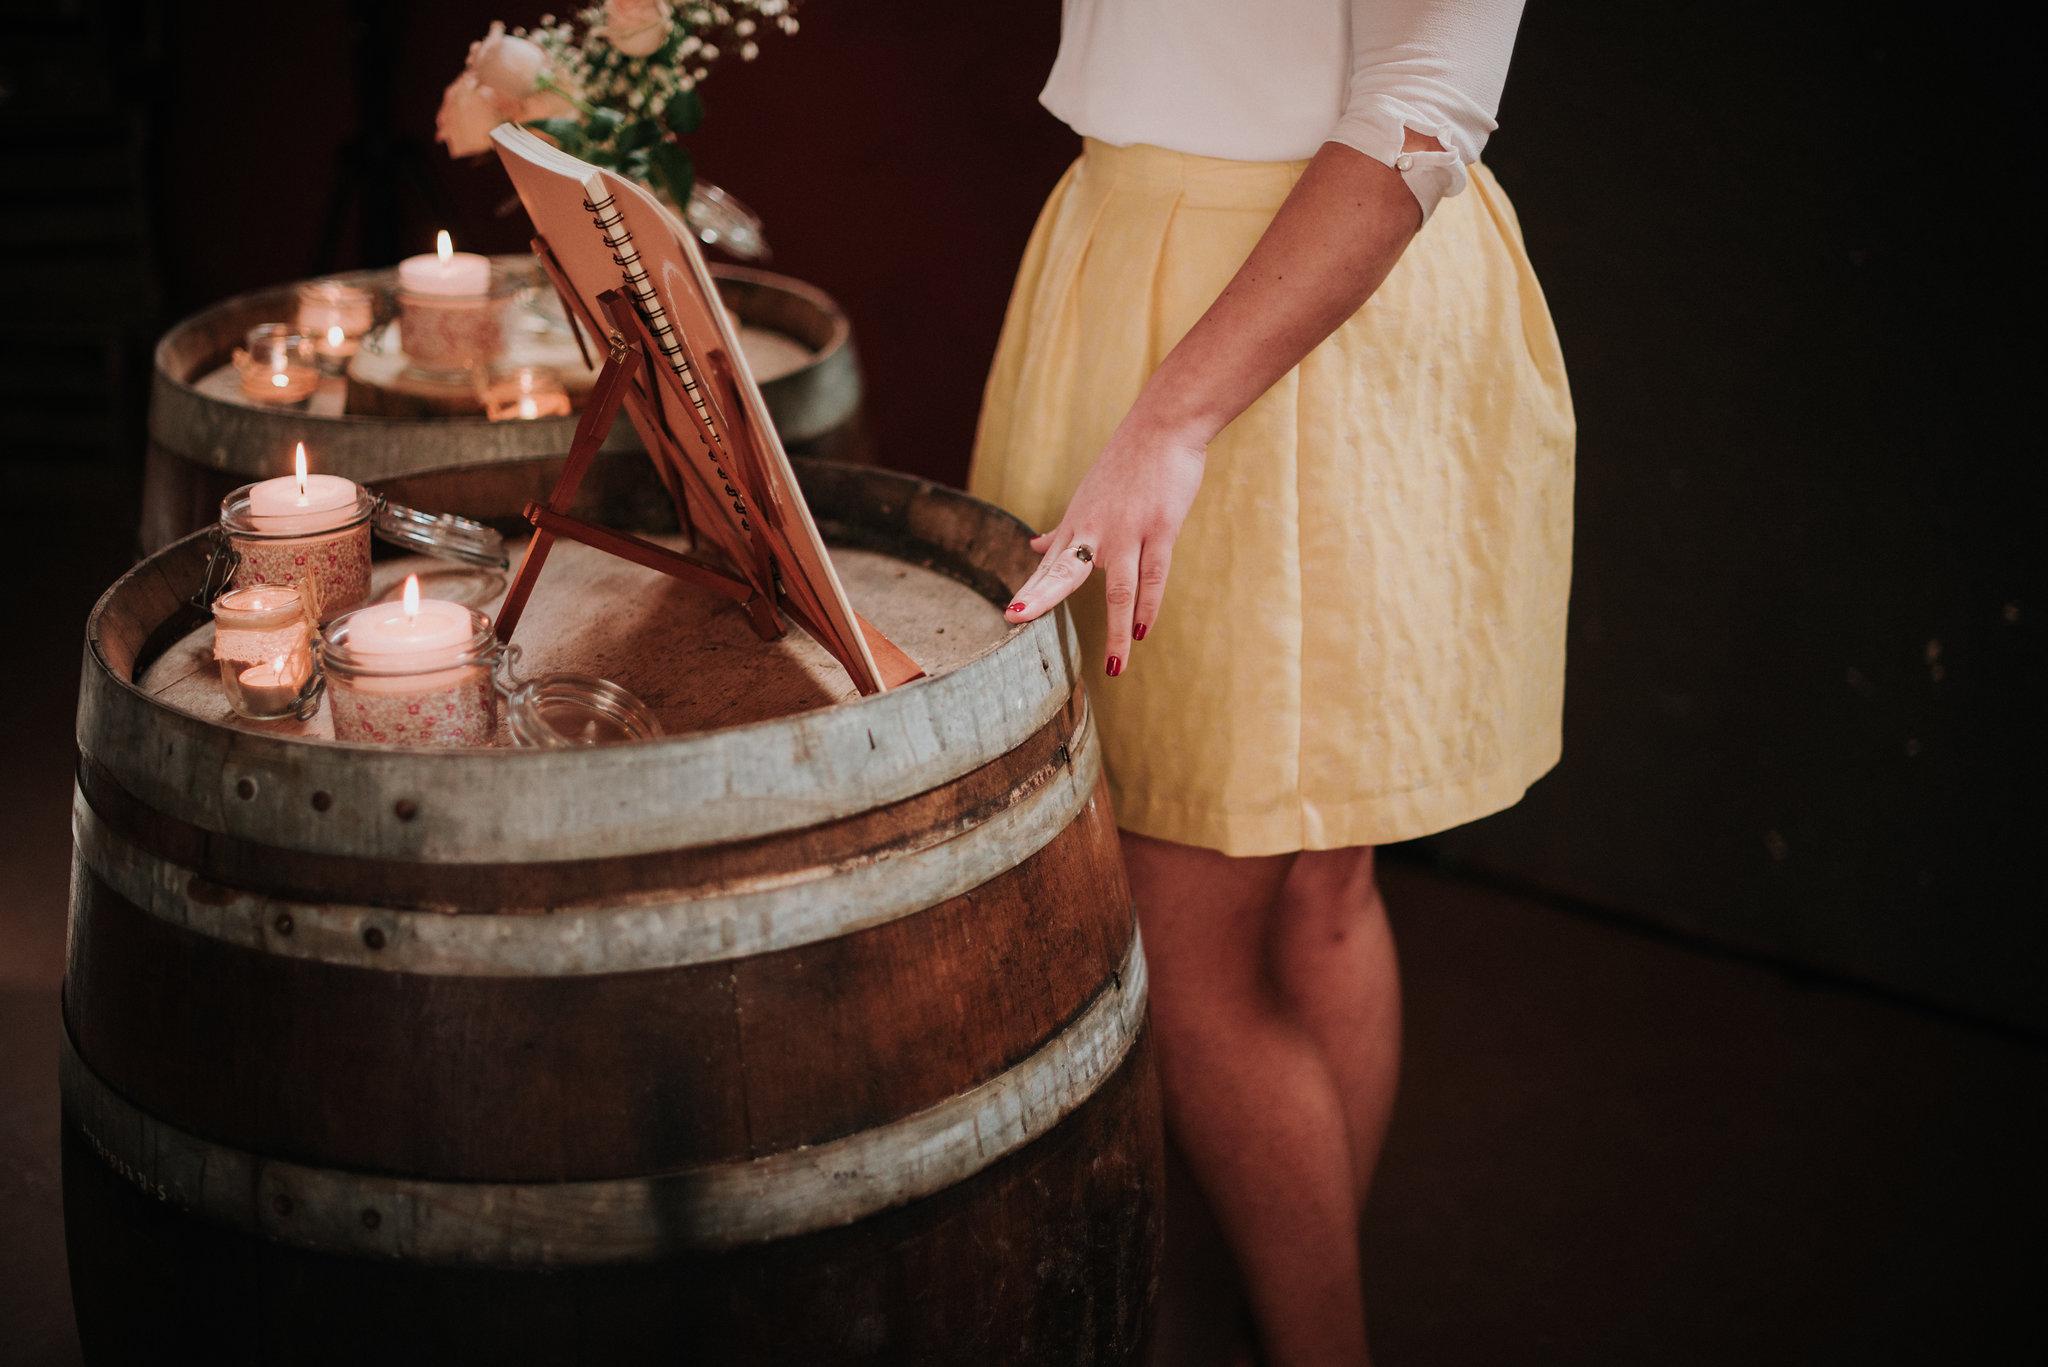 Léa-Fery-photographe-professionnel-lyon-rhone-alpes-portrait-creation-mariage-evenement-evenementiel-famille-2412.jpg